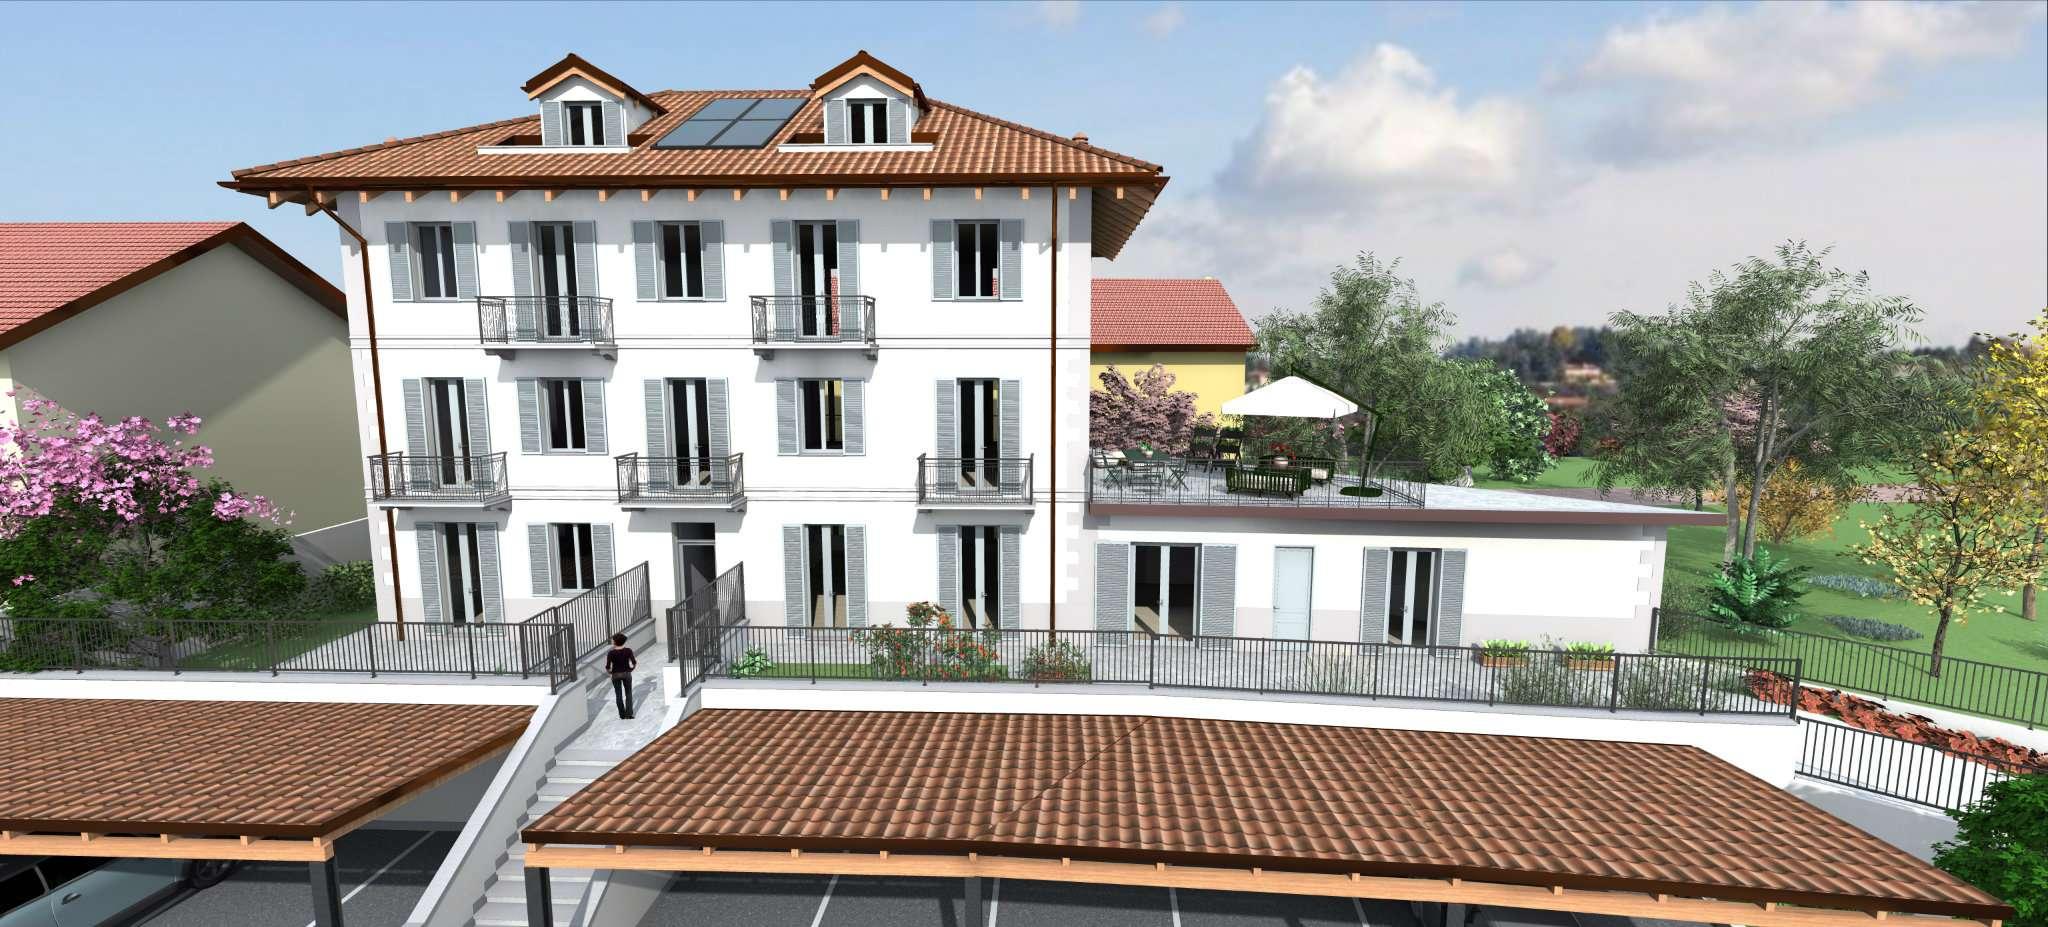 Appartamento in vendita a Moncalieri, 3 locali, prezzo € 210.000 | PortaleAgenzieImmobiliari.it